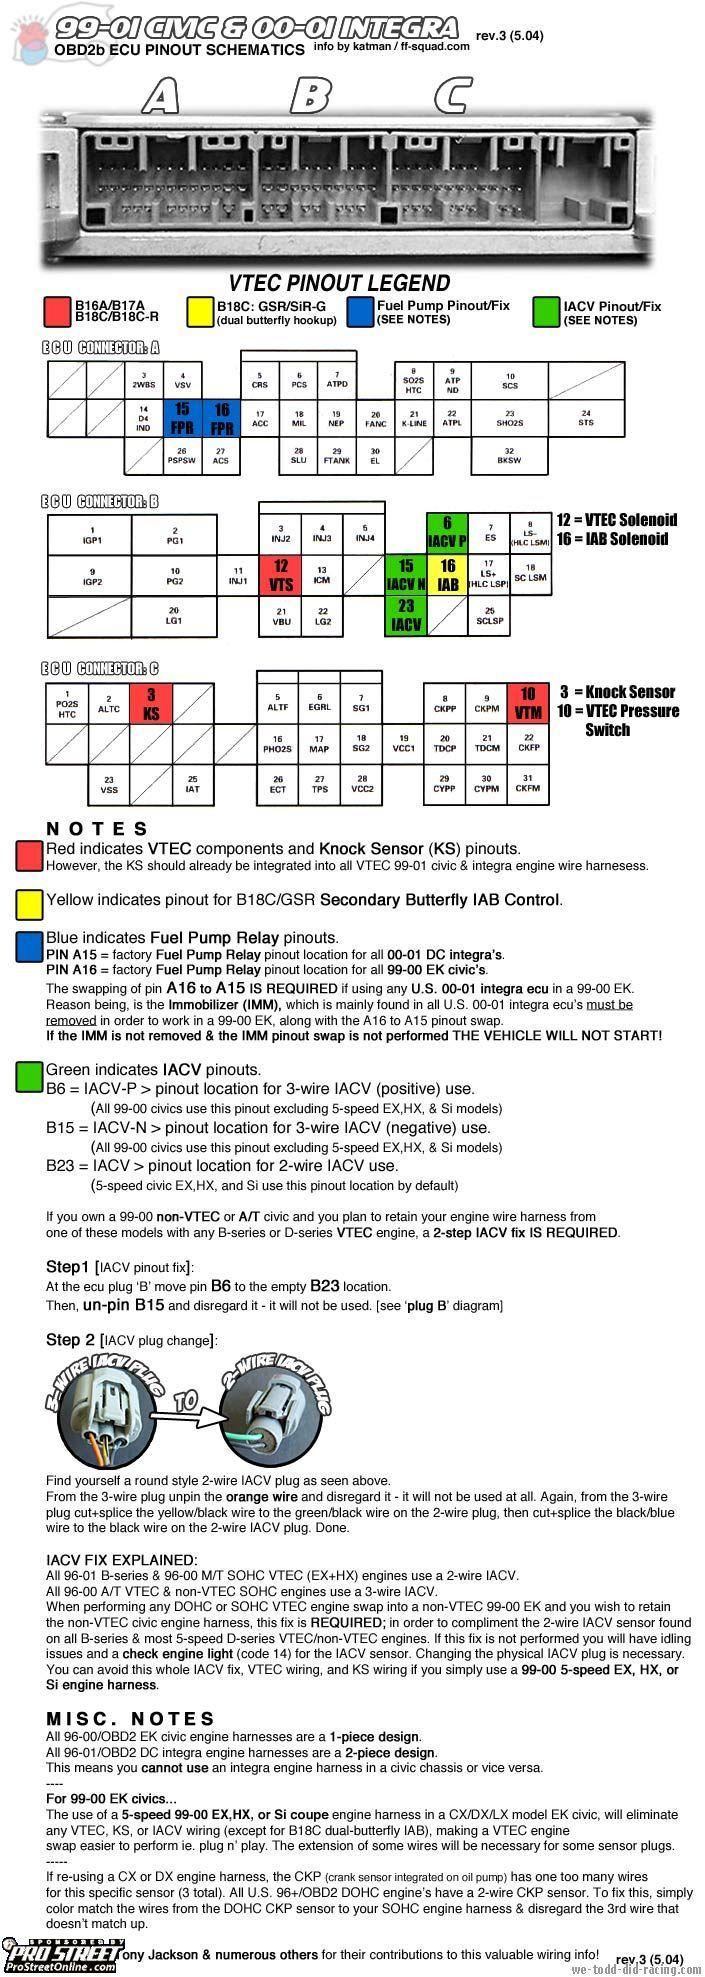 vtec wiring diagram obd2 1981 porsche 924 best library obd2a schematic name u003e obd1 iacv